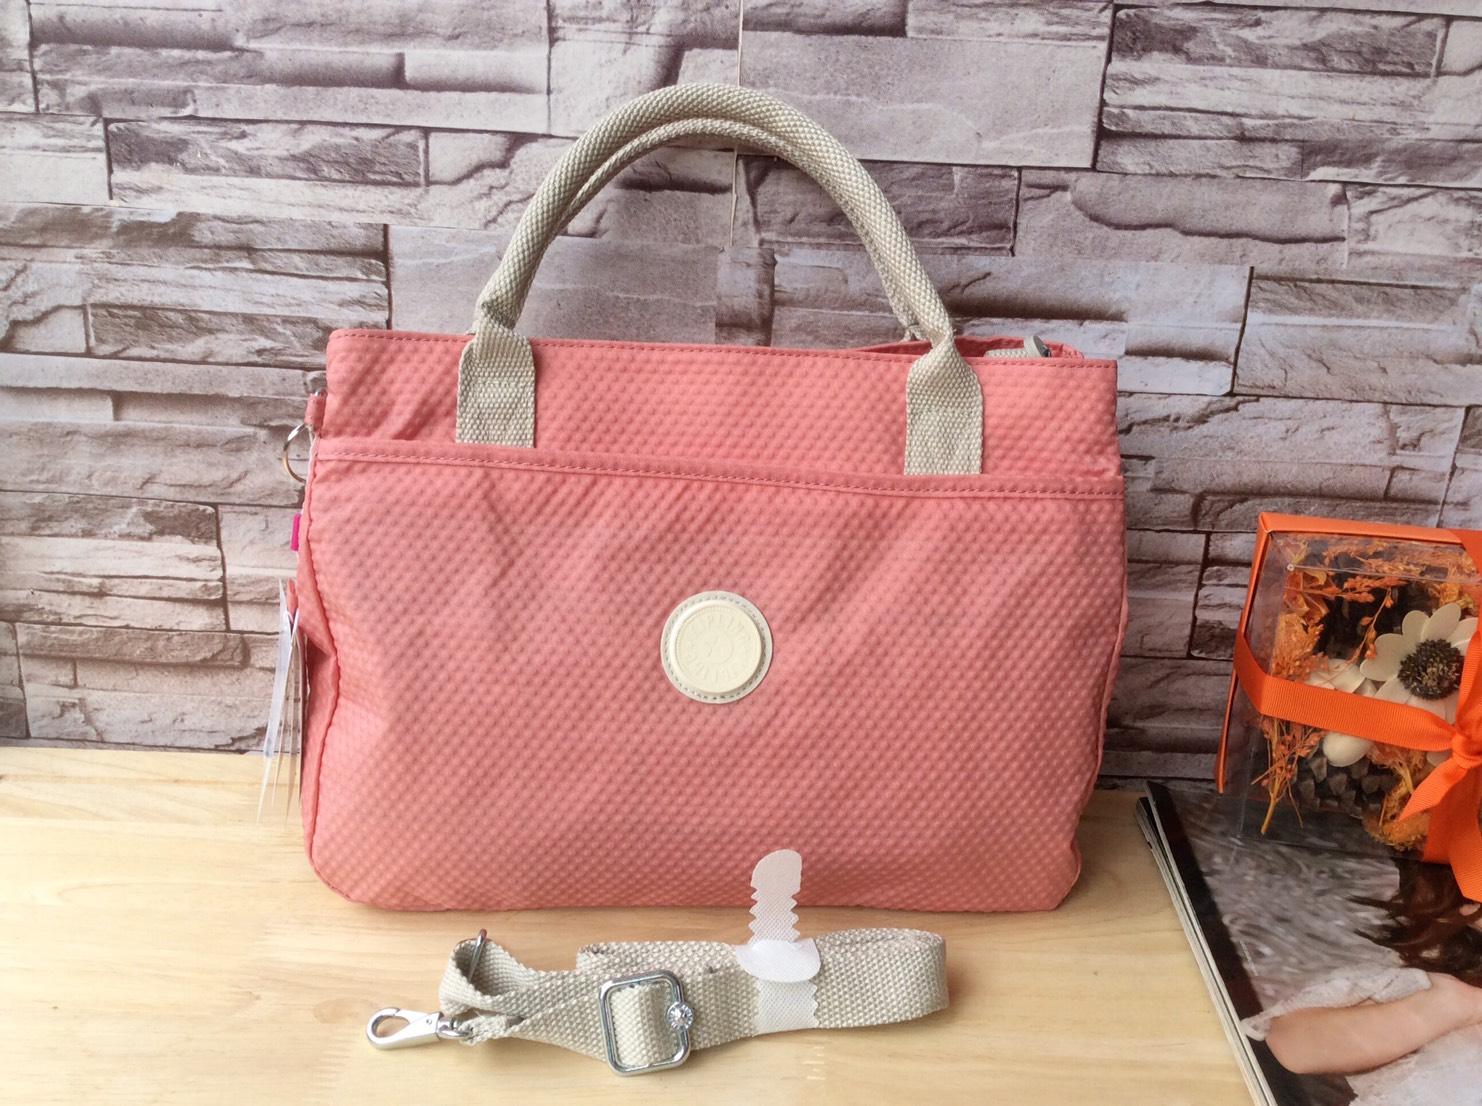 กระเป๋า KIPLING K15311-34C Caralisa OUTLET HK สีชมพูโอรส